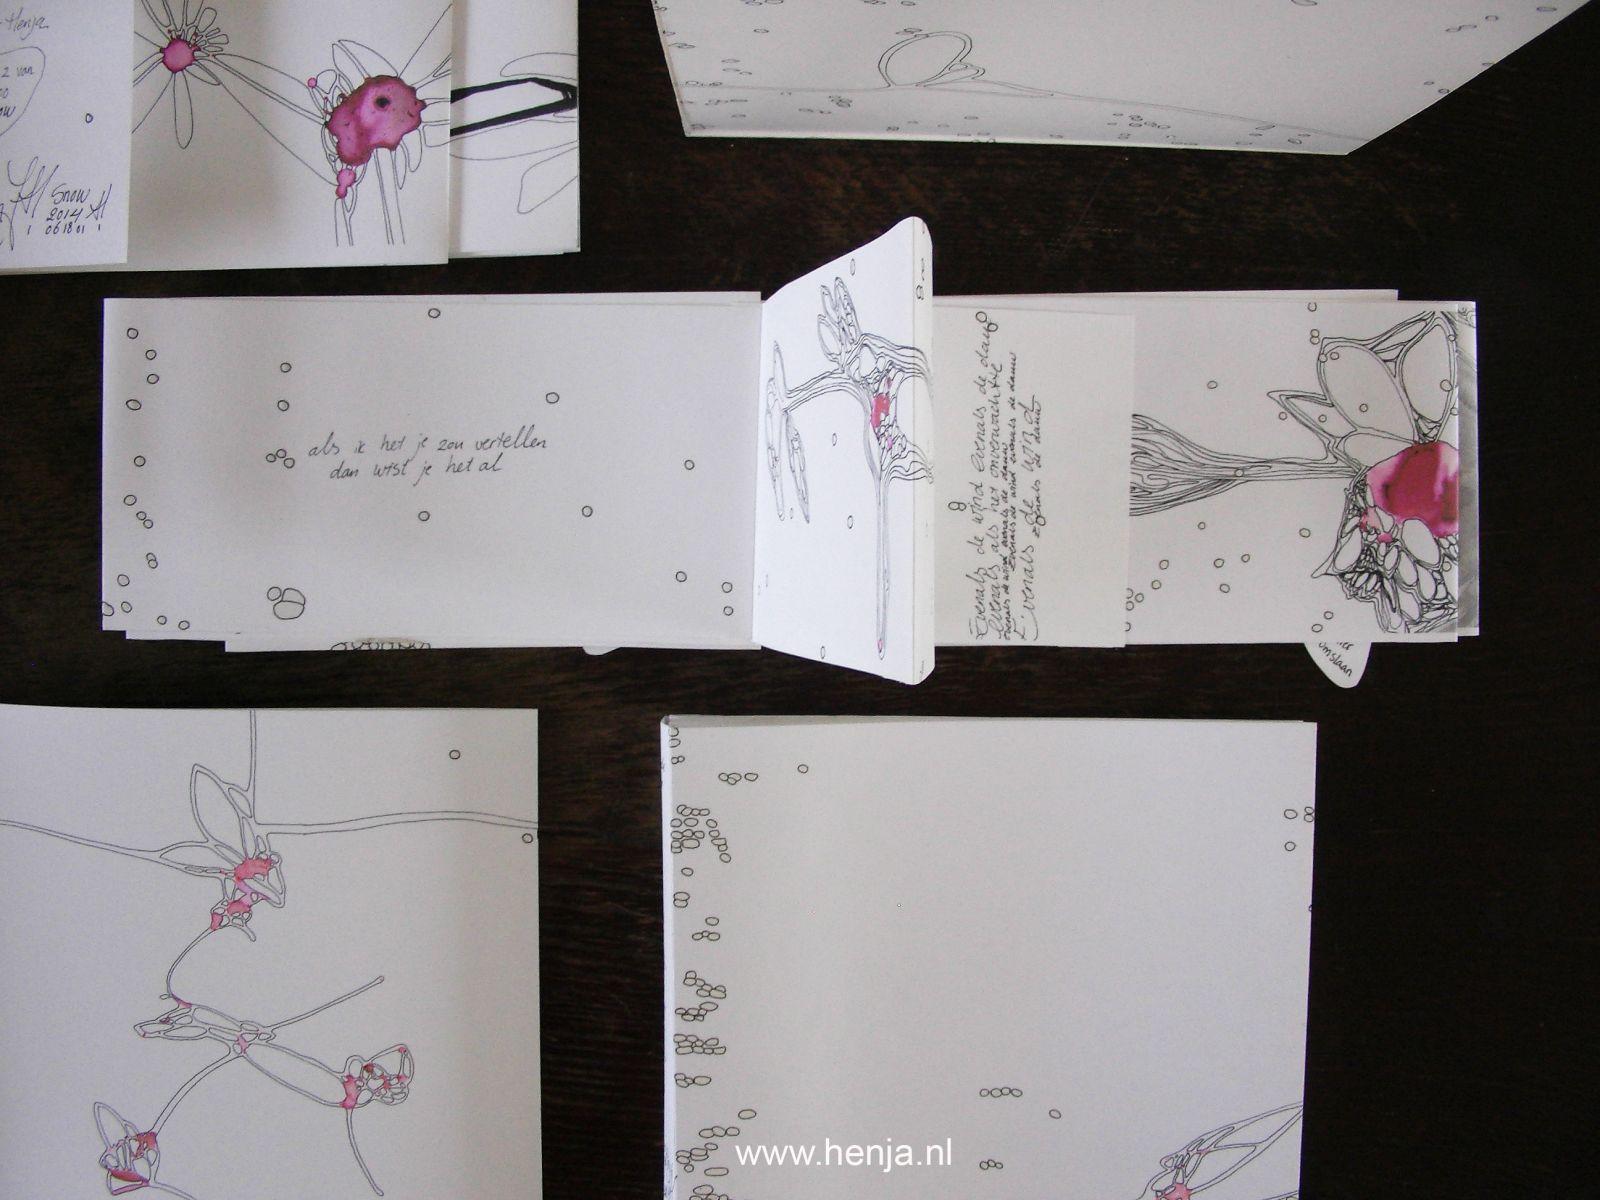 kunst_-_kunstenaarsboek_-_2014_0618_snow_serie_detail_tafel_web.jpg